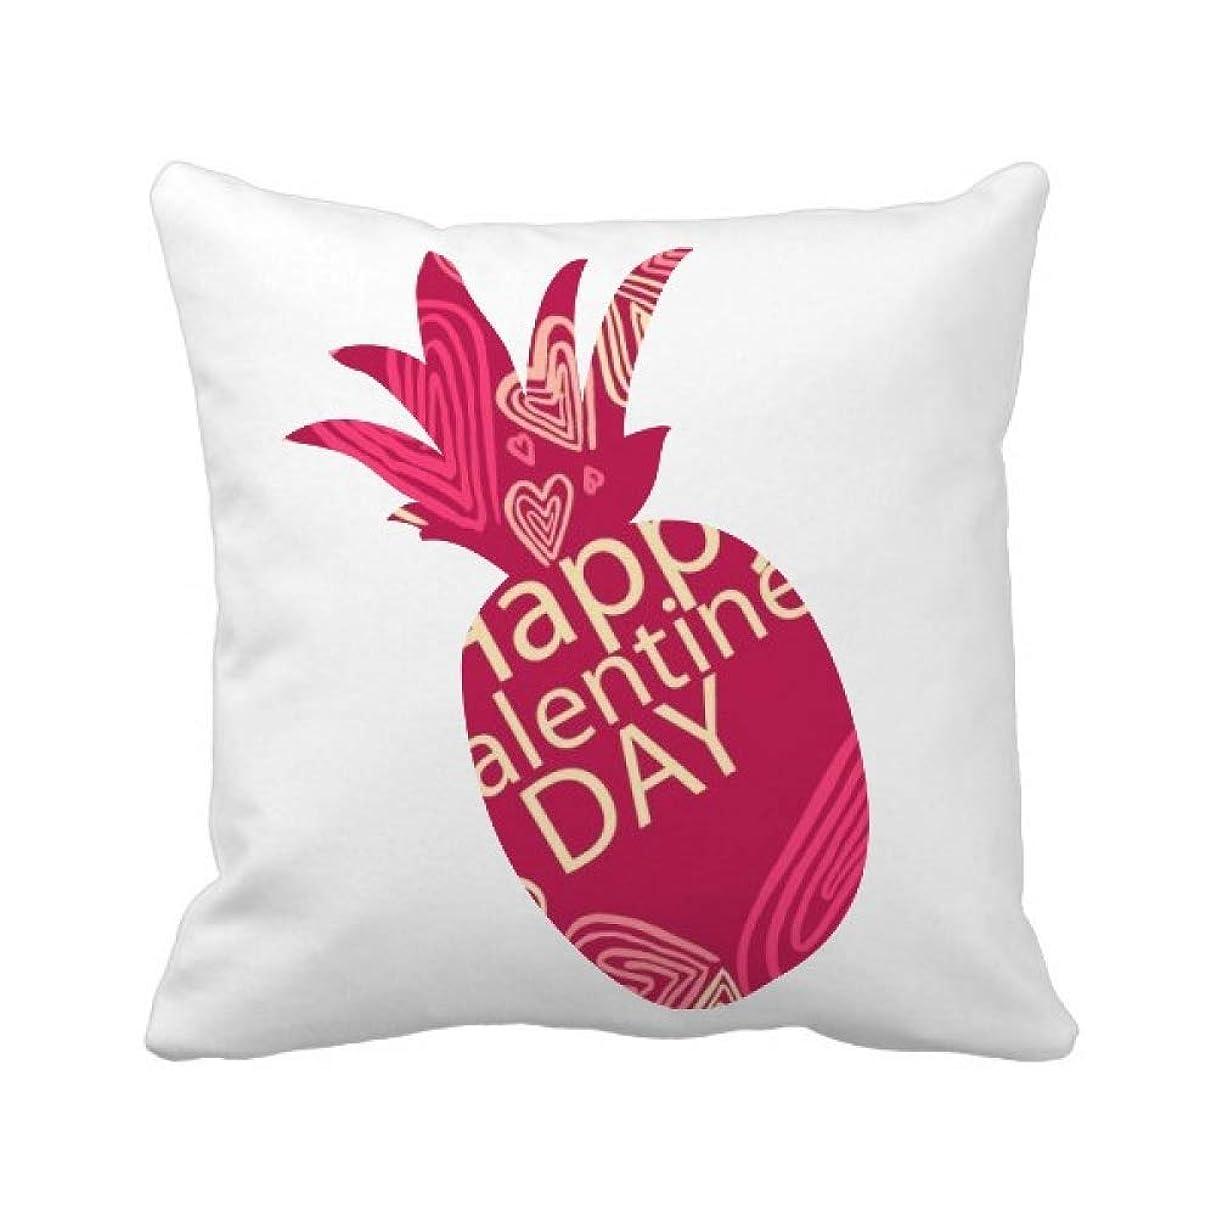 シネウィフォアマンクモ幸せなバレンタインデー?ピンクハート パイナップル枕カバー正方形を投げる 50cm x 50cm